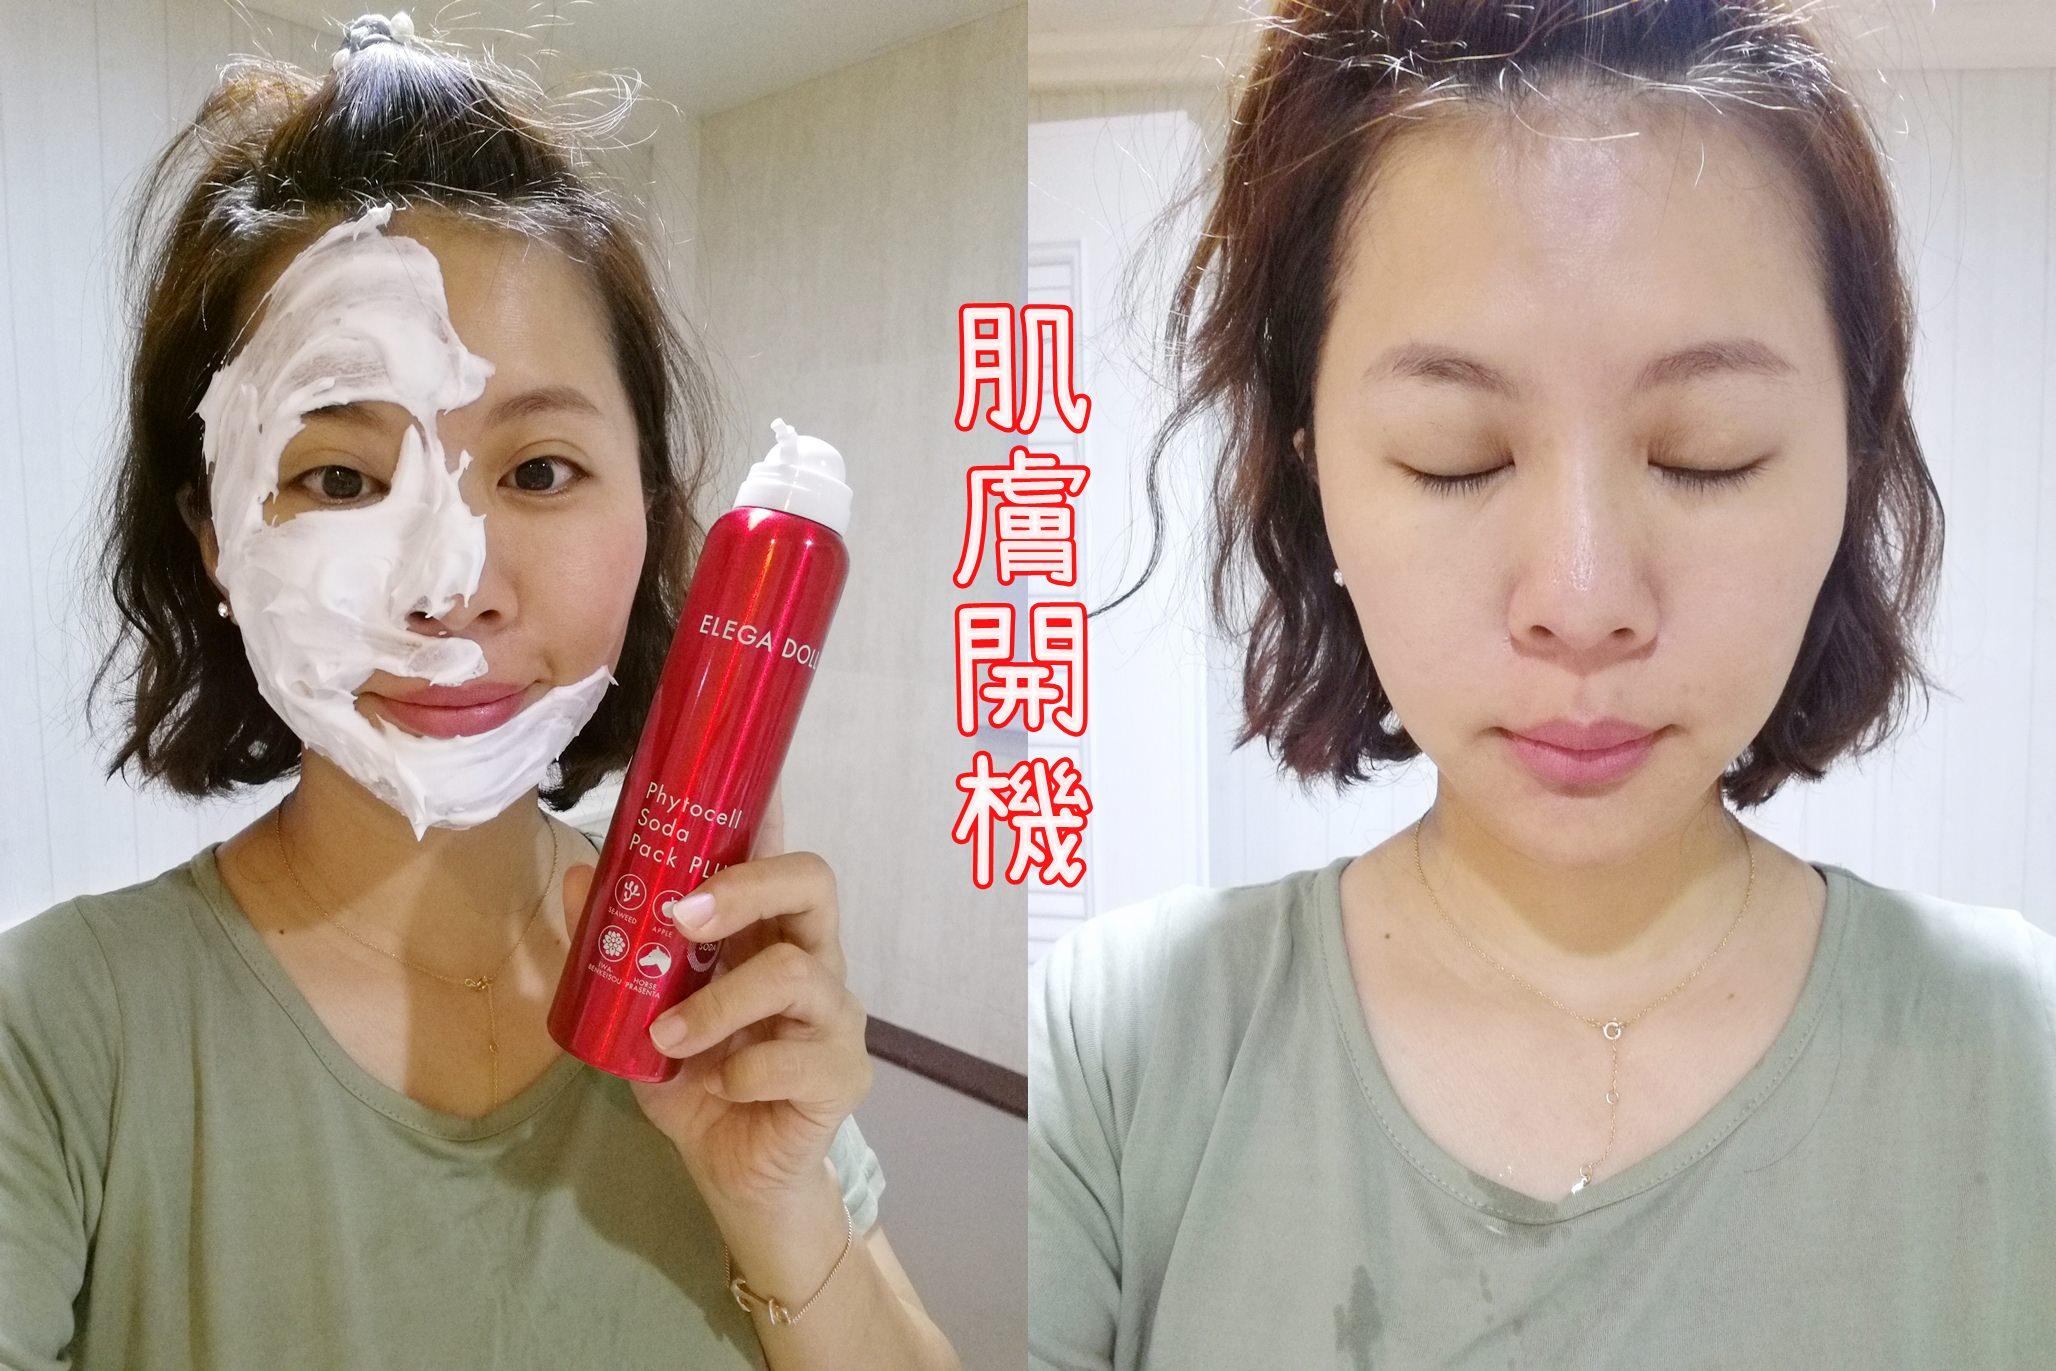 【團購】ELEGA DOLL 活氧抗老碳酸面膜 濃密泡泡只要五分鐘 肌膚都活力甦醒!